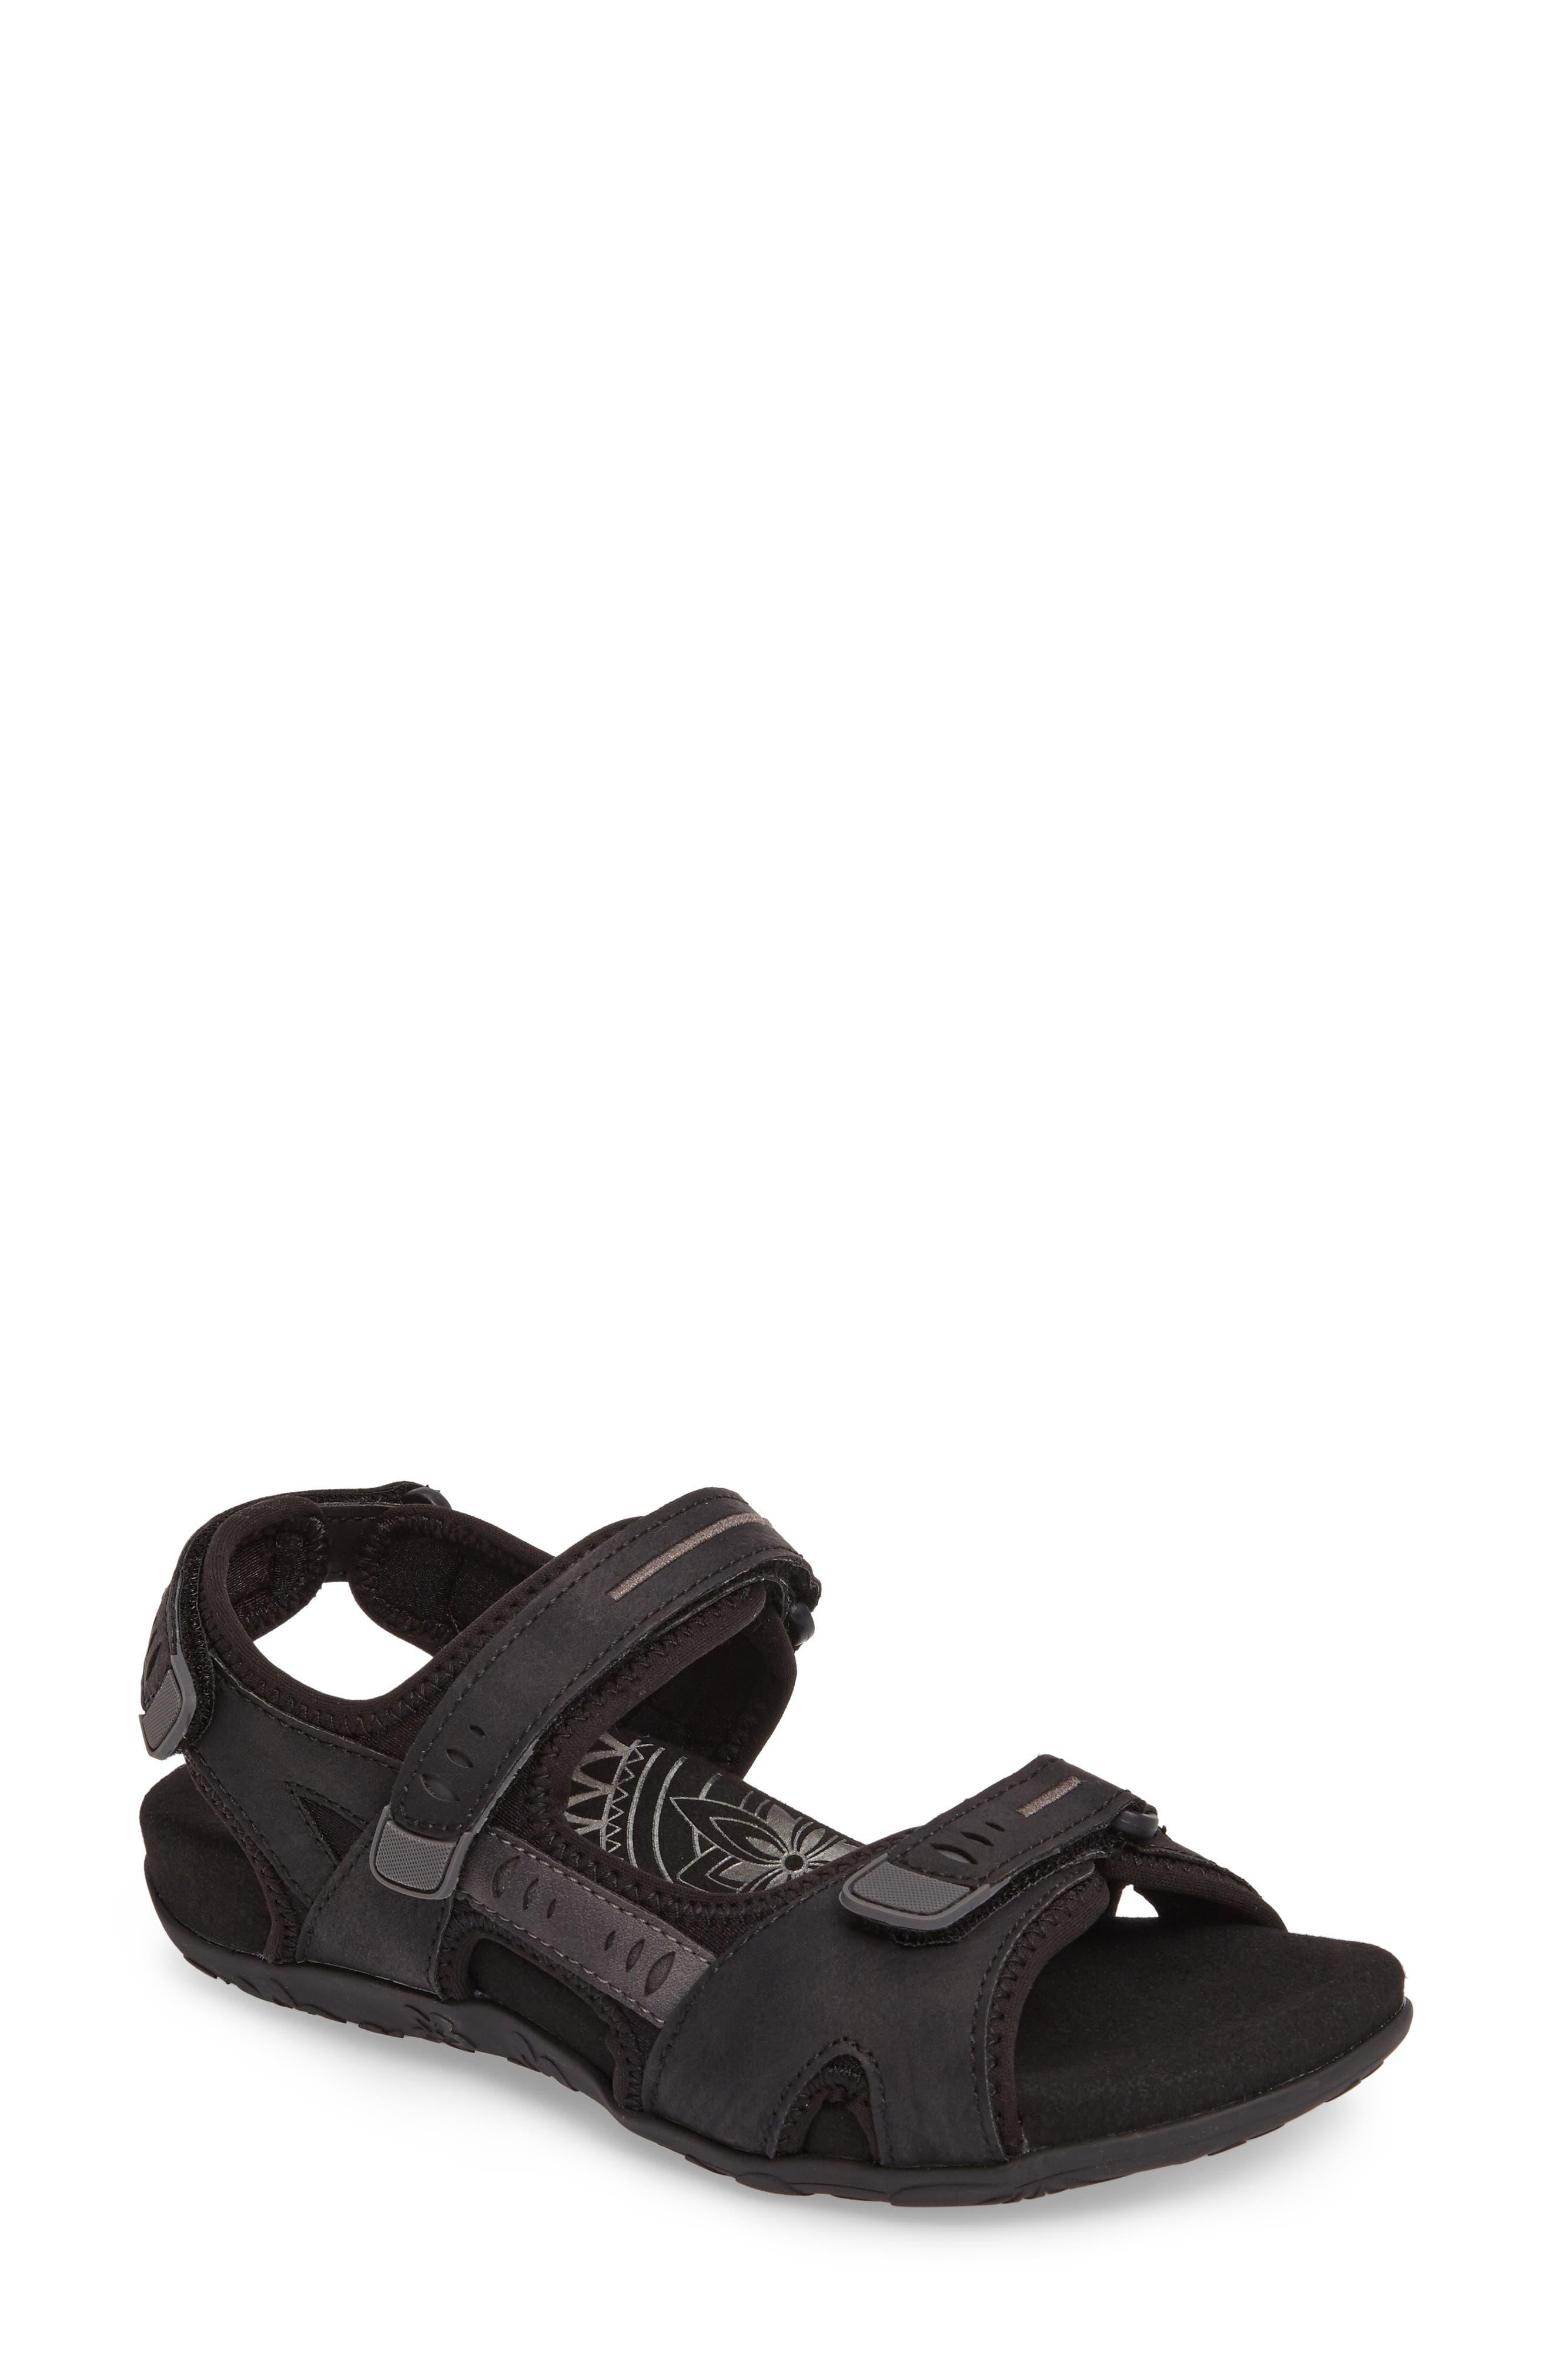 Bree Sport Sandal,                             Main thumbnail 1, color,                             Black Fabric